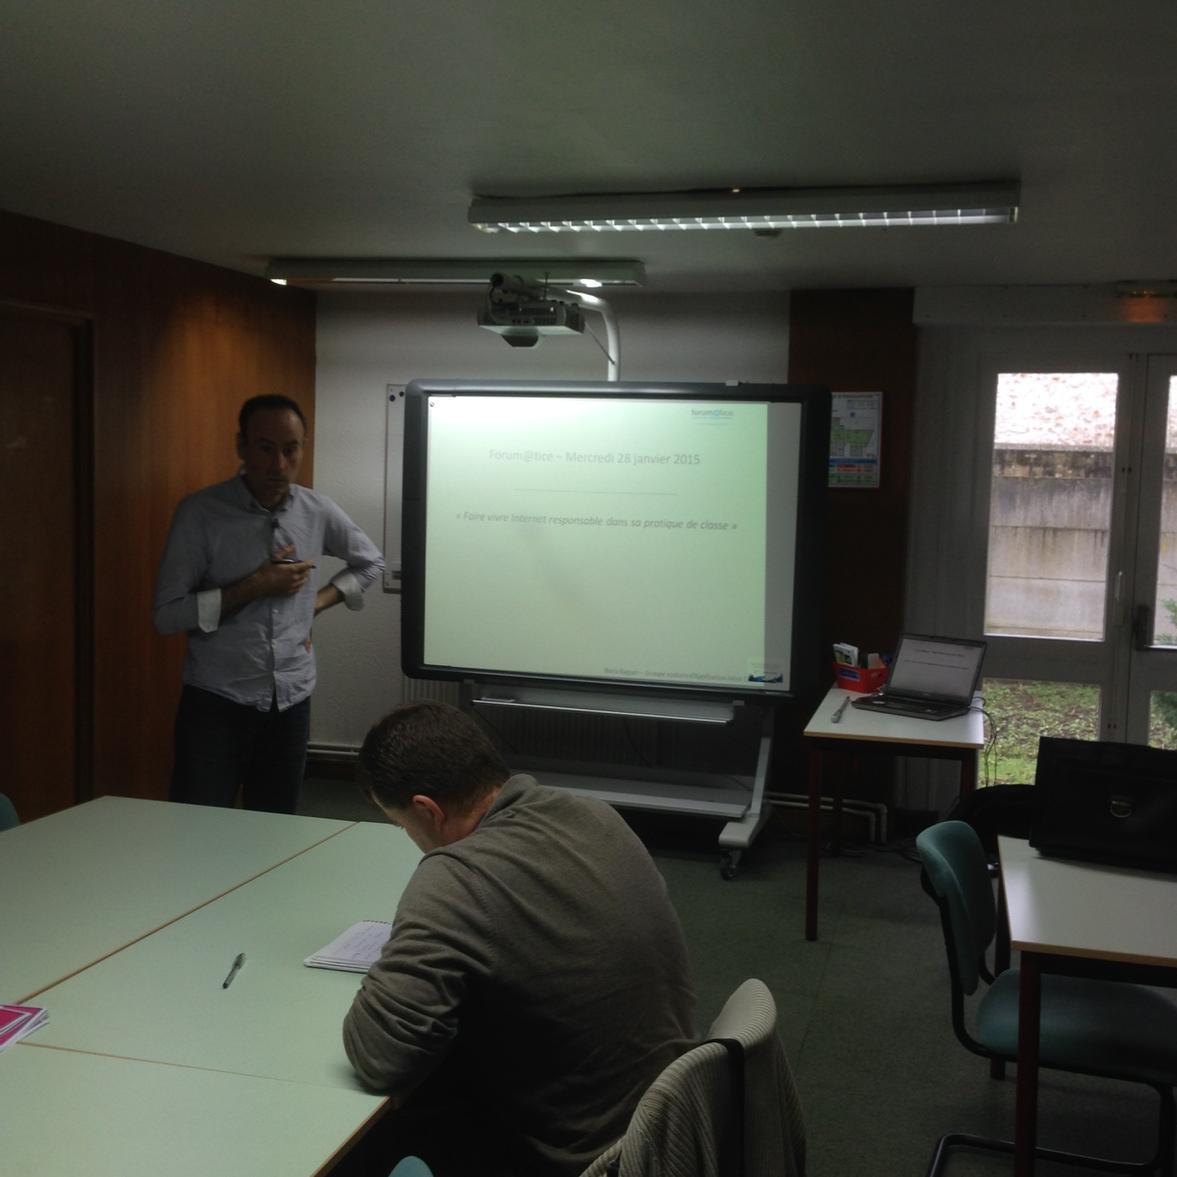 Internet responsable présenté par un enseignant  ayant suivi un parcours m@gistere sur #forumatice à Charleville. http://t.co/PtZXFd5oZd